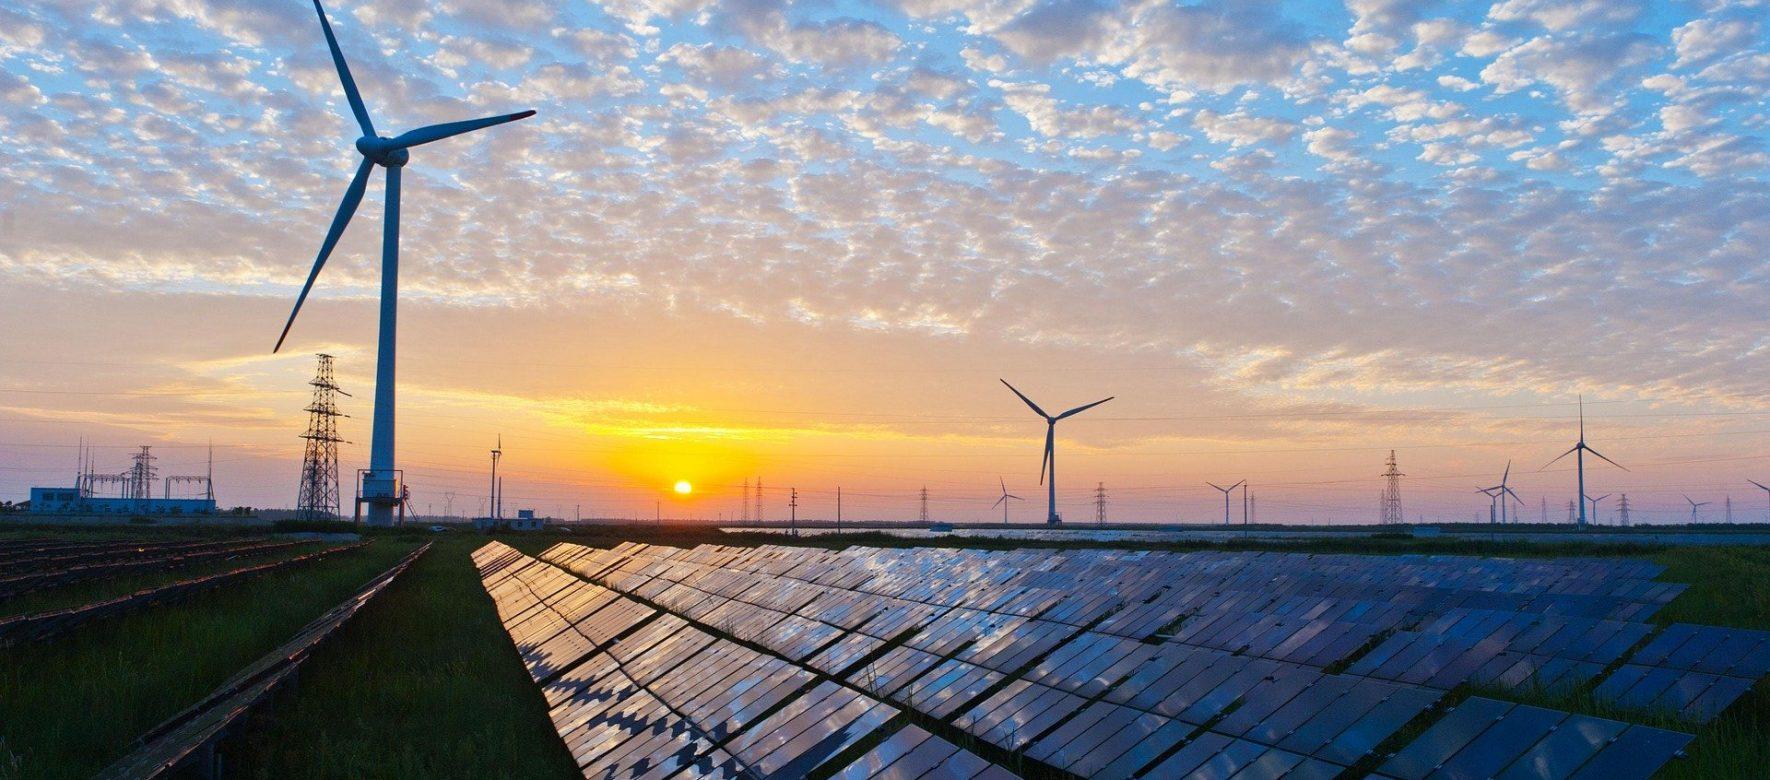 La Tunisie avance fortement dans la mise en place de ses centrales solaires et éoliennes